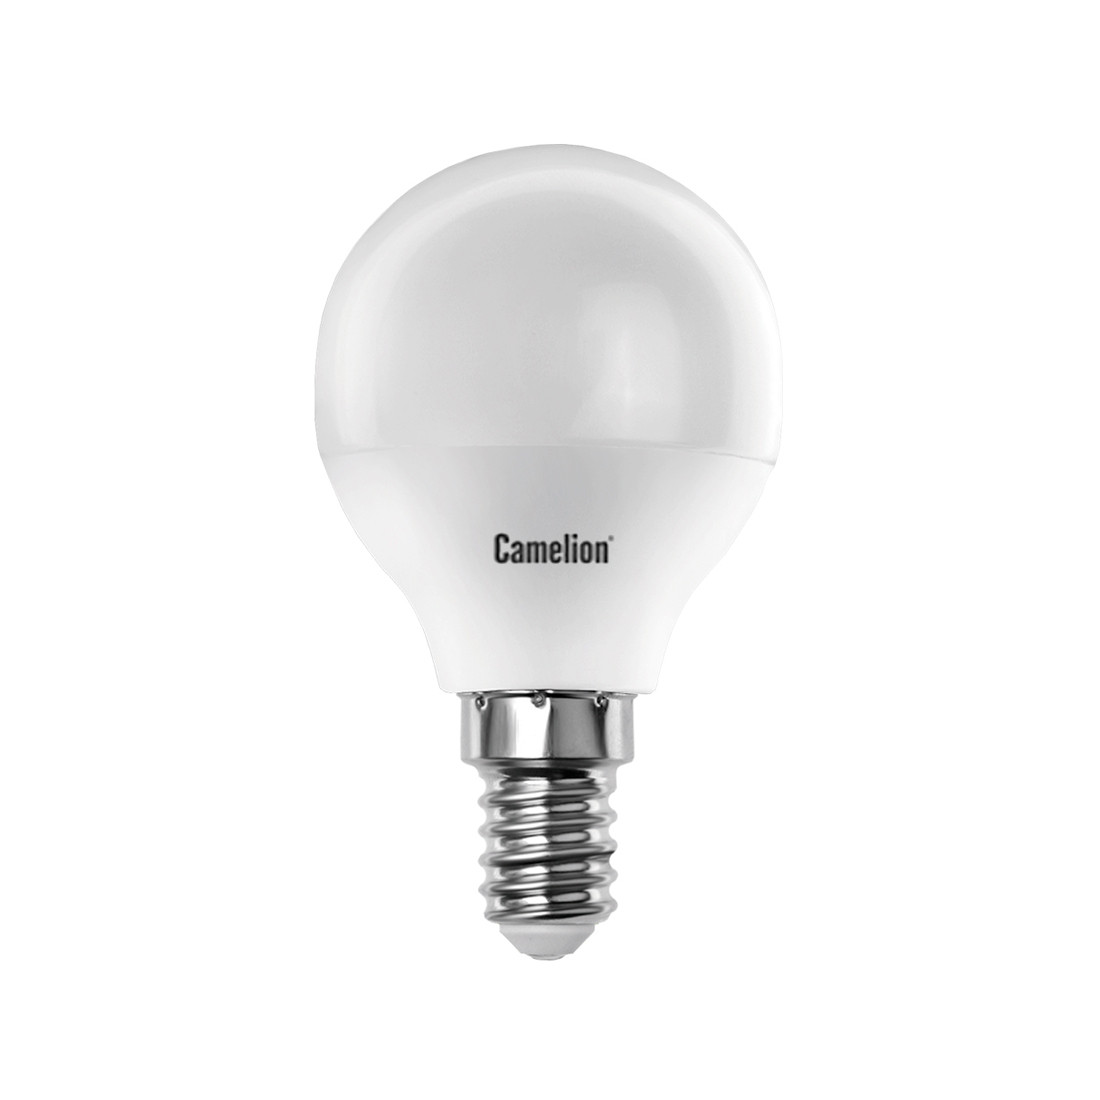 Лампа светодиодная Camelion G45/6500К/E14/7Вт, Дневной